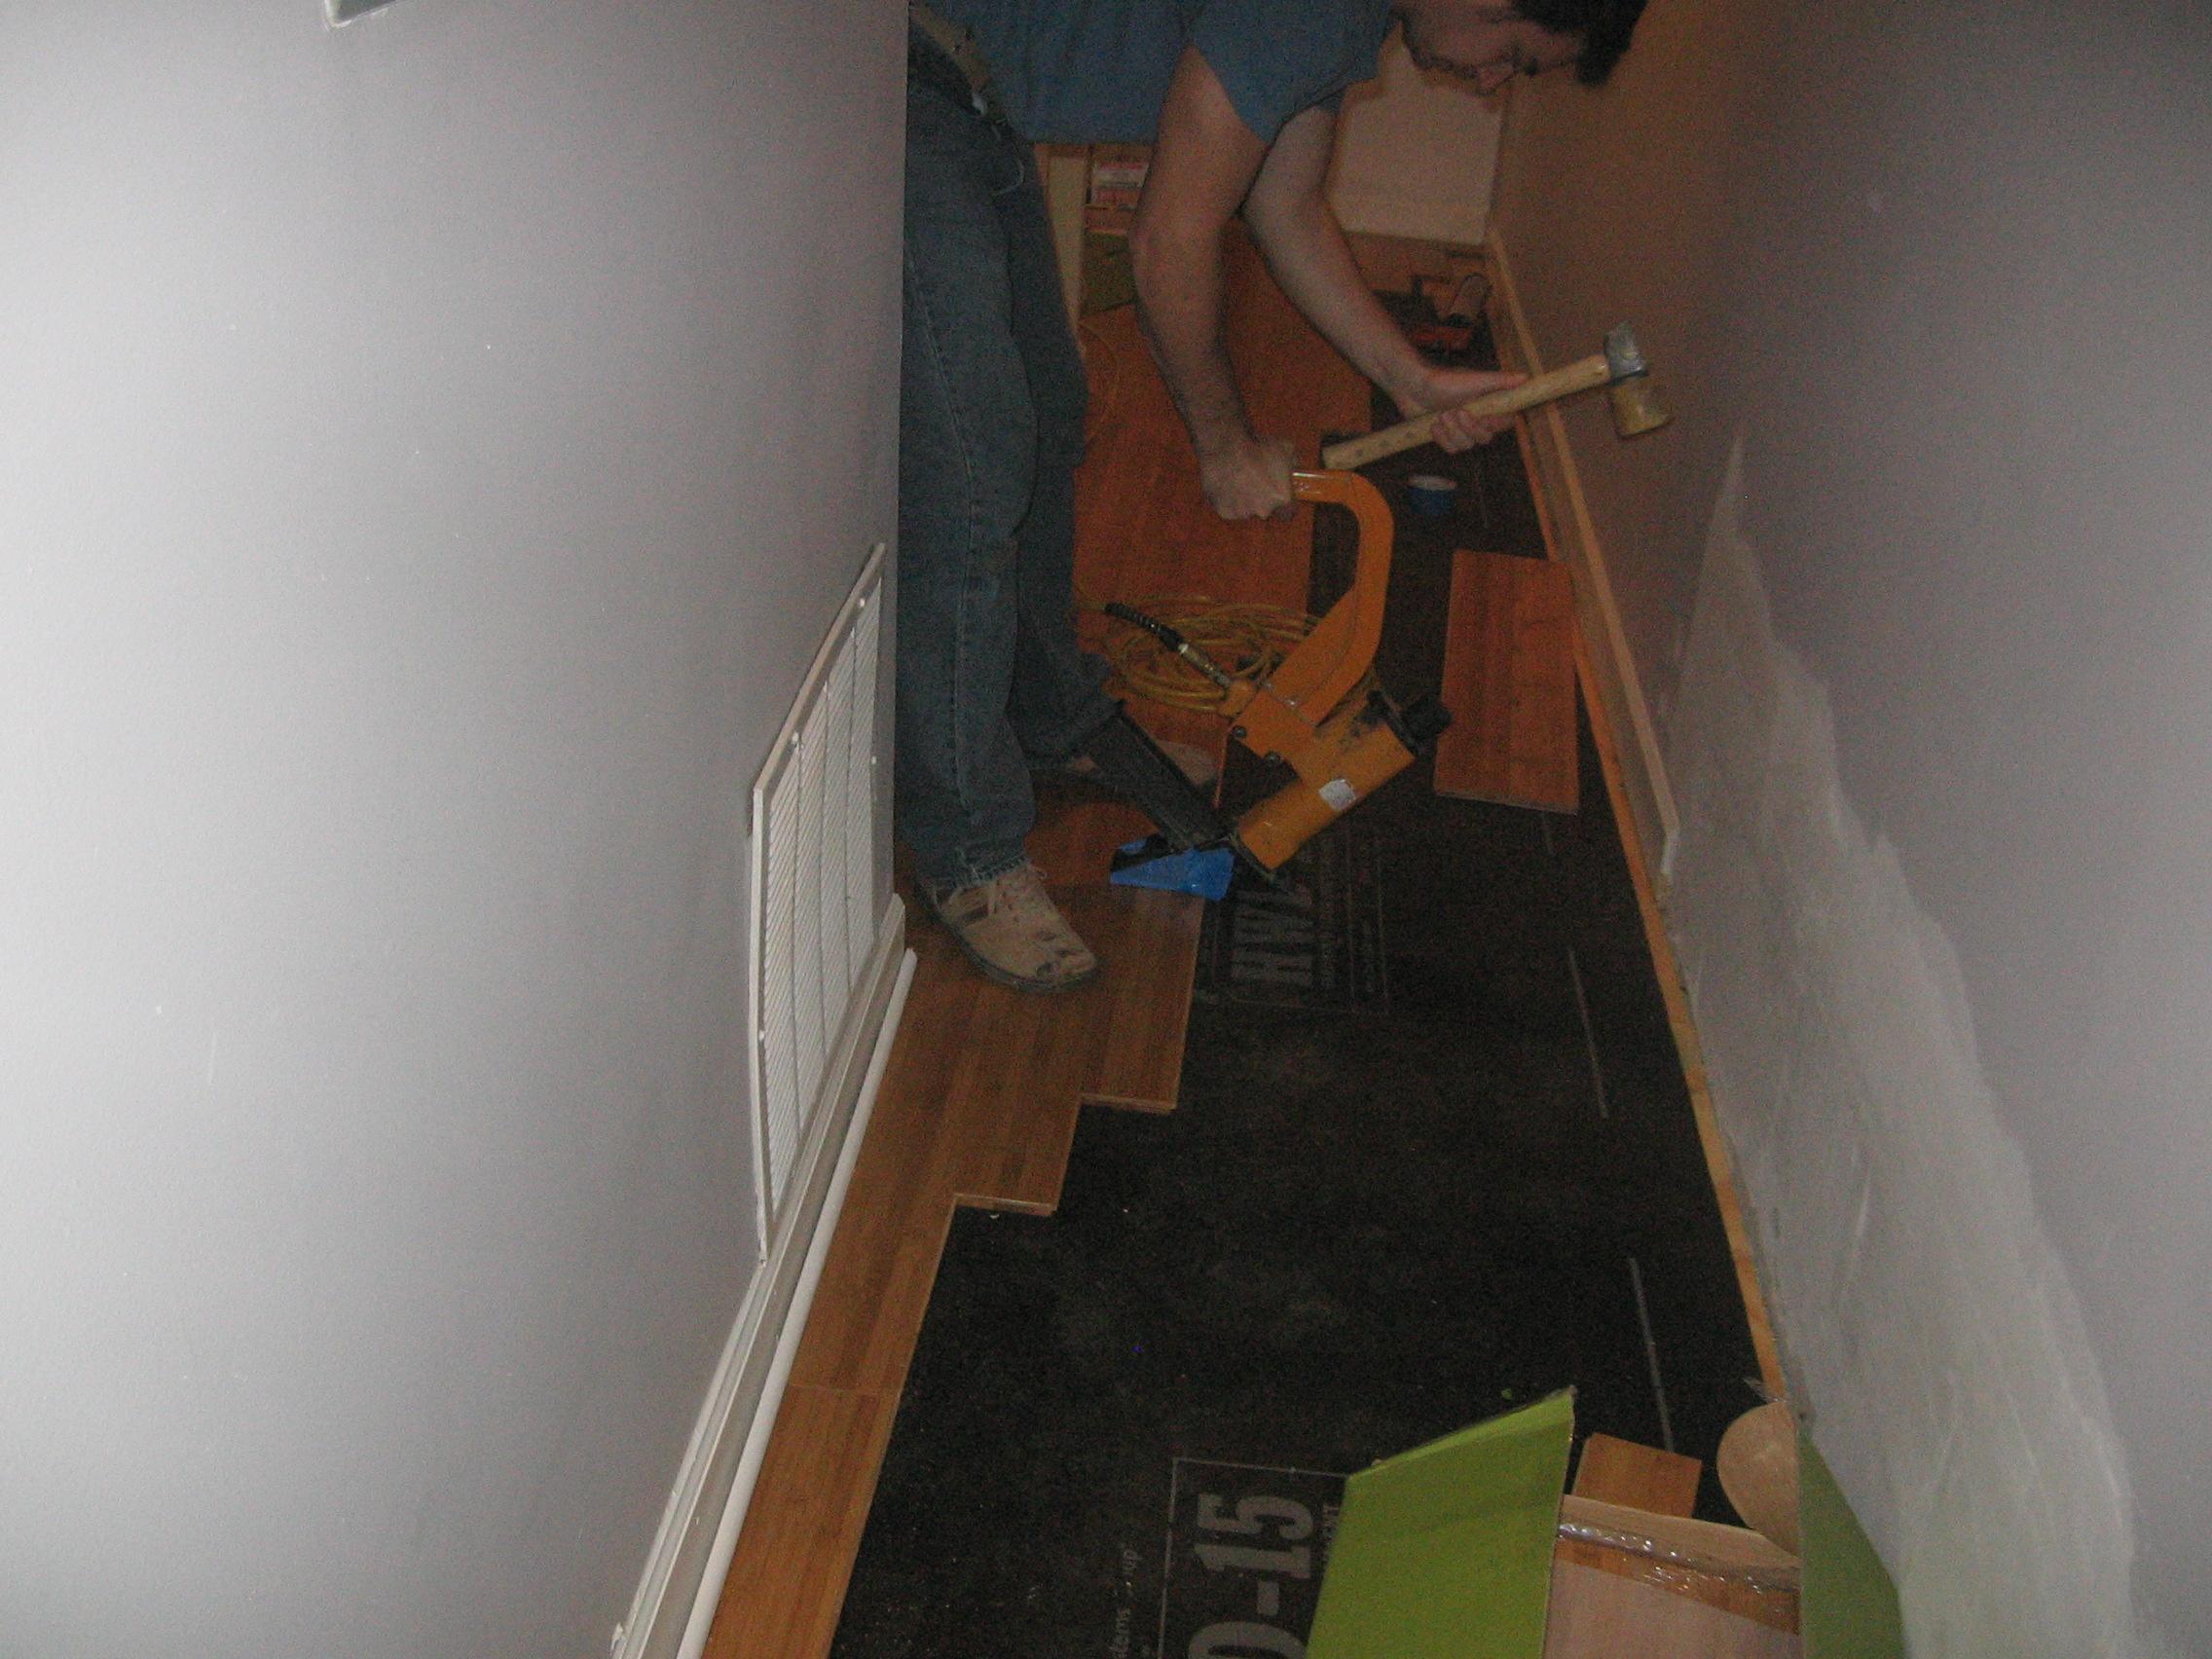 Dustless refinishing Hardwood Floors in Skokie Chicago Park Ridge